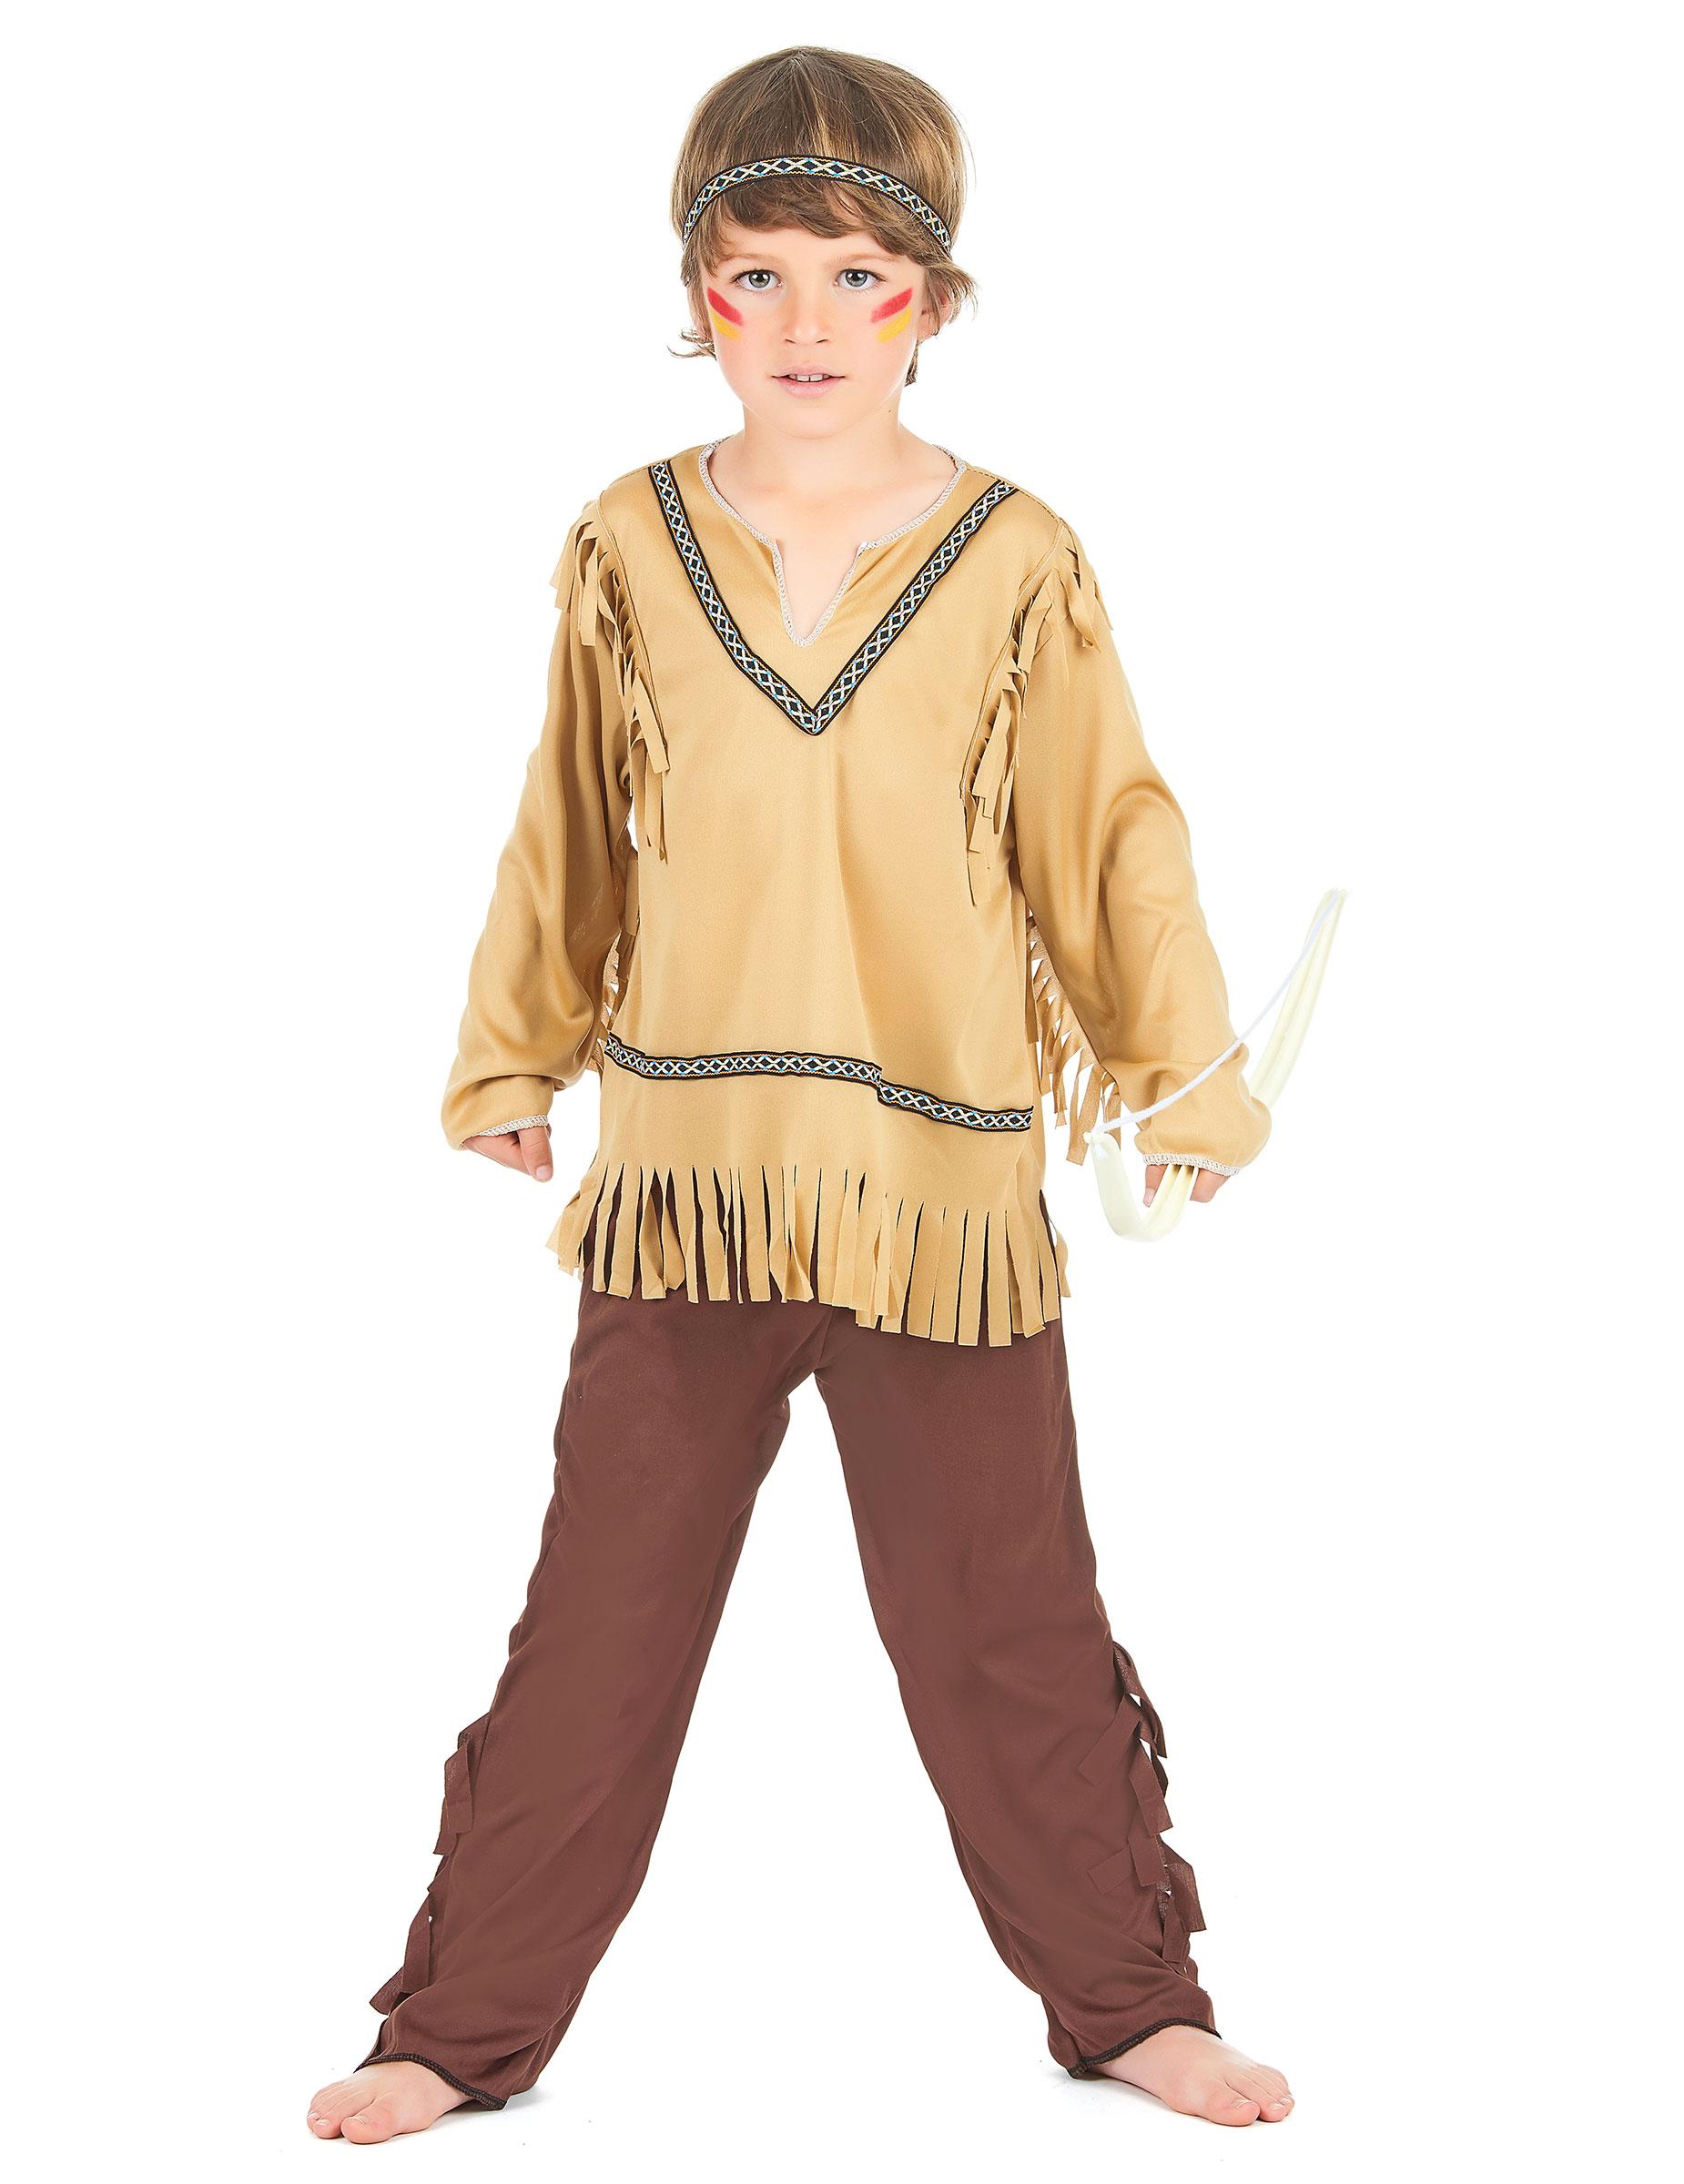 risparmia fino all'80% reputazione affidabile rivenditore di vendita Costume indiano bambino